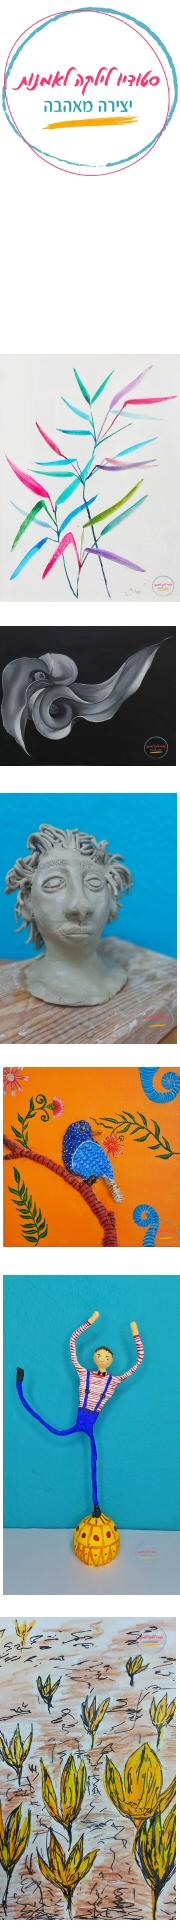 סטודיו לילקה לאמנות - קורס אמנות משולבת למורים וגננות בלמידה מרחוק בזום